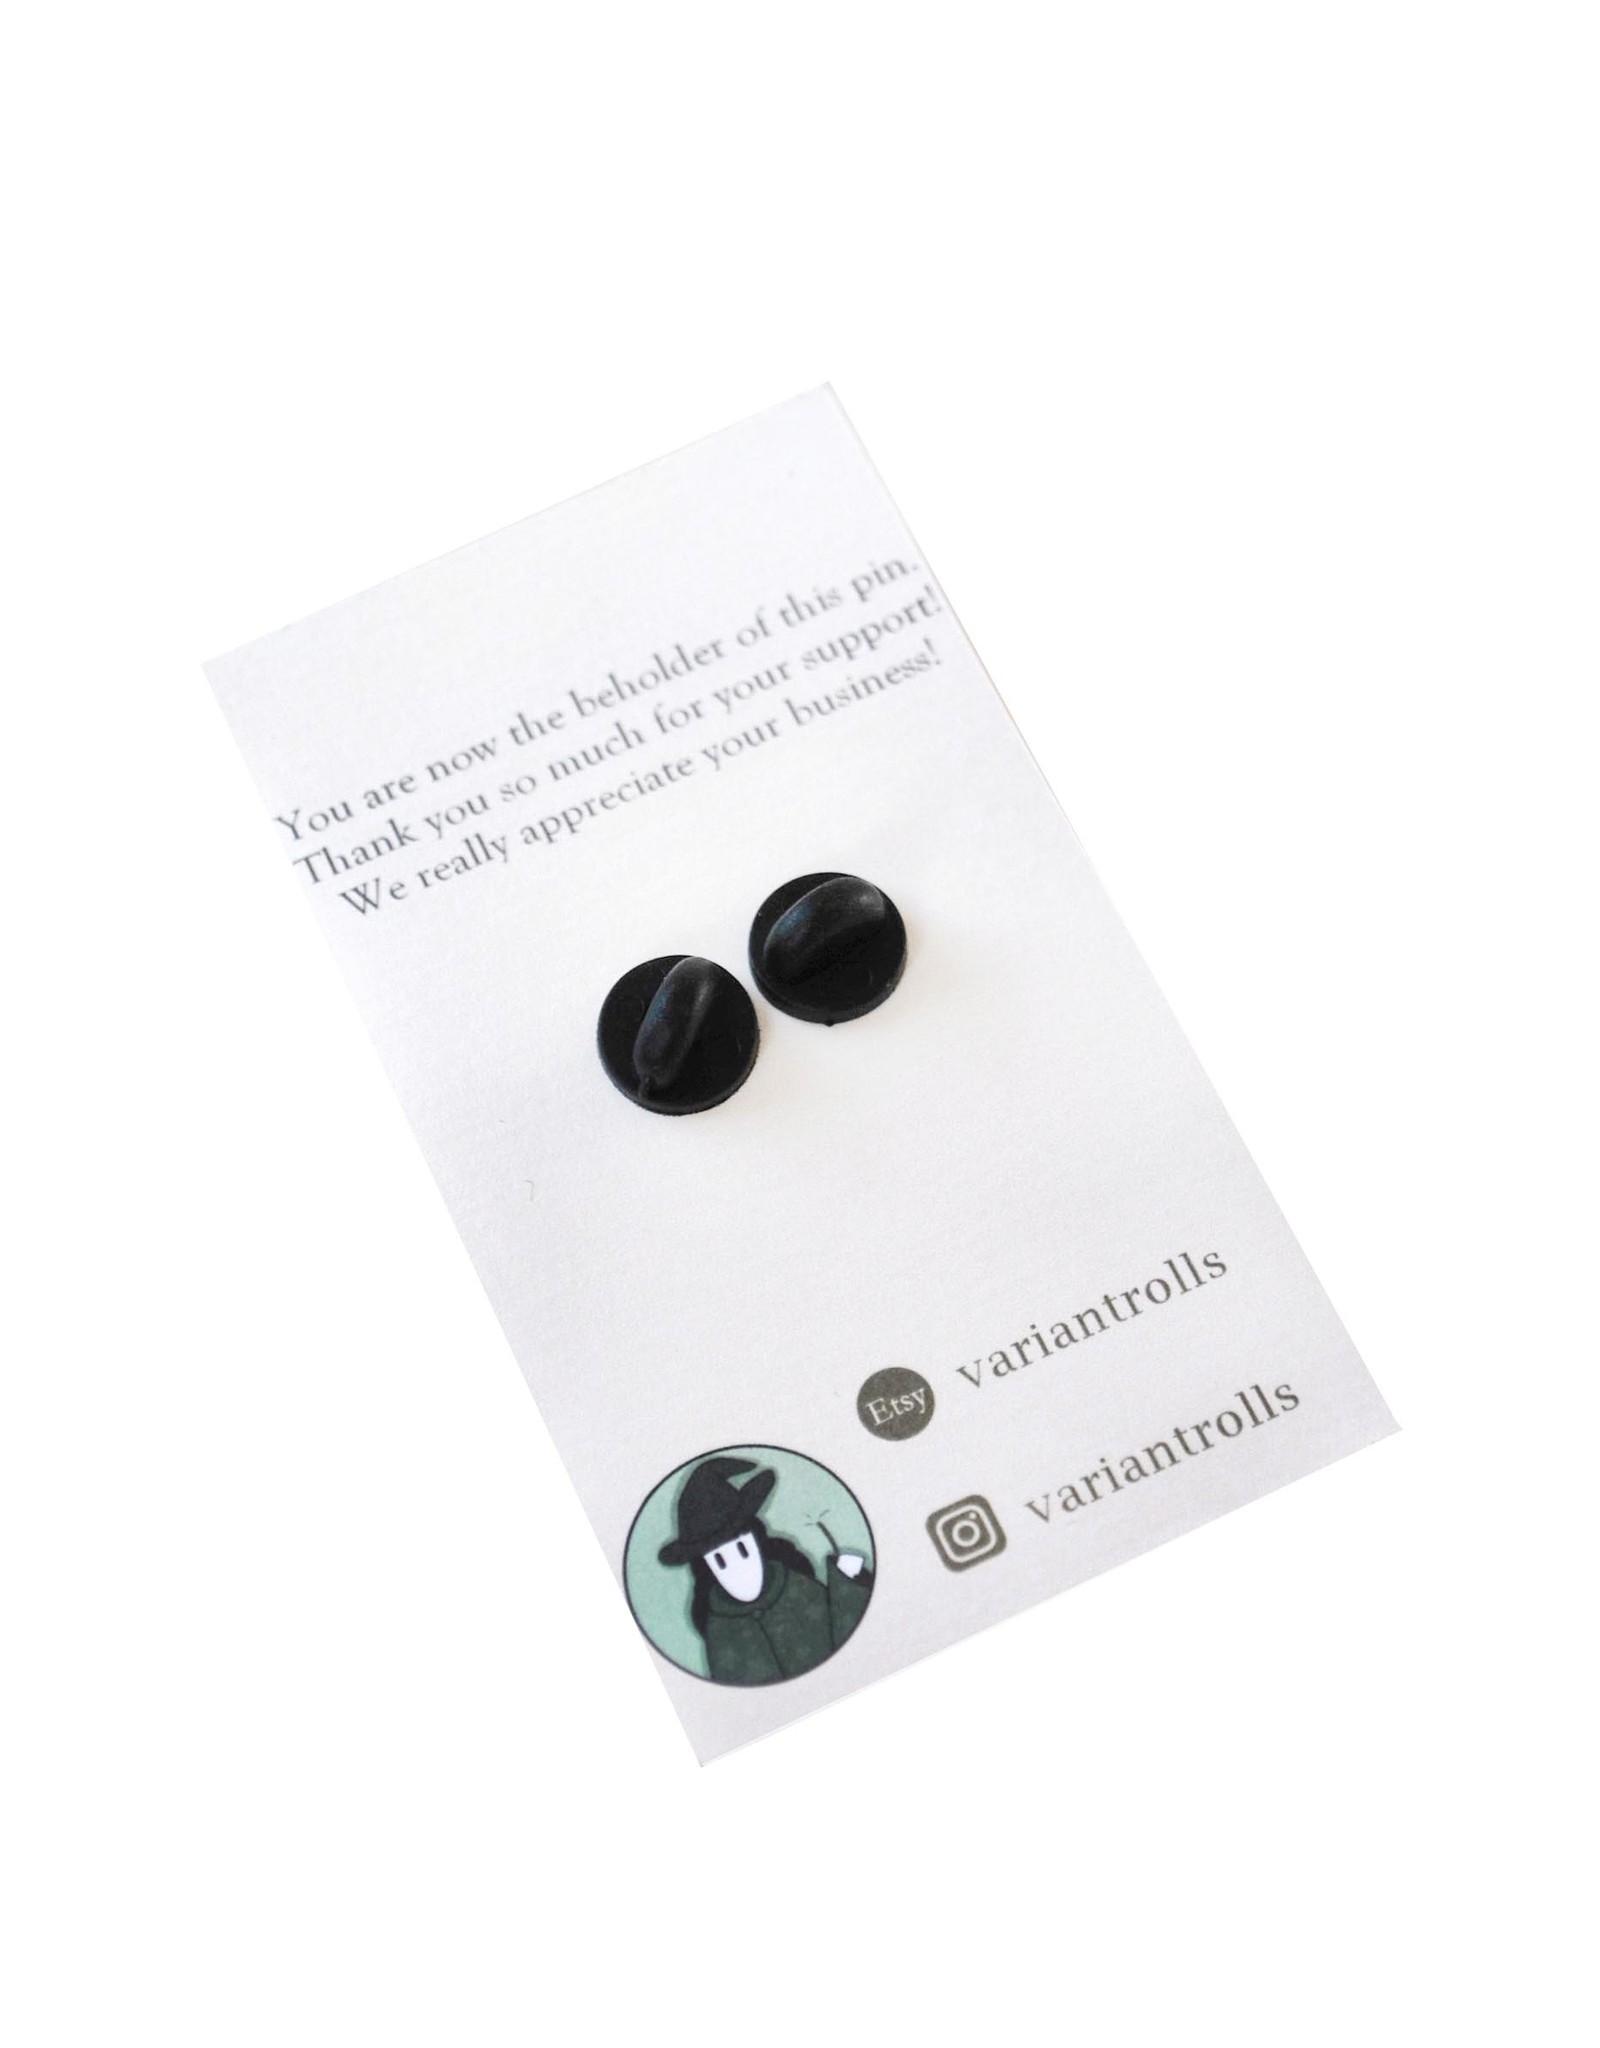 Spellbook Enamel Pin by Madeleine Brittingham